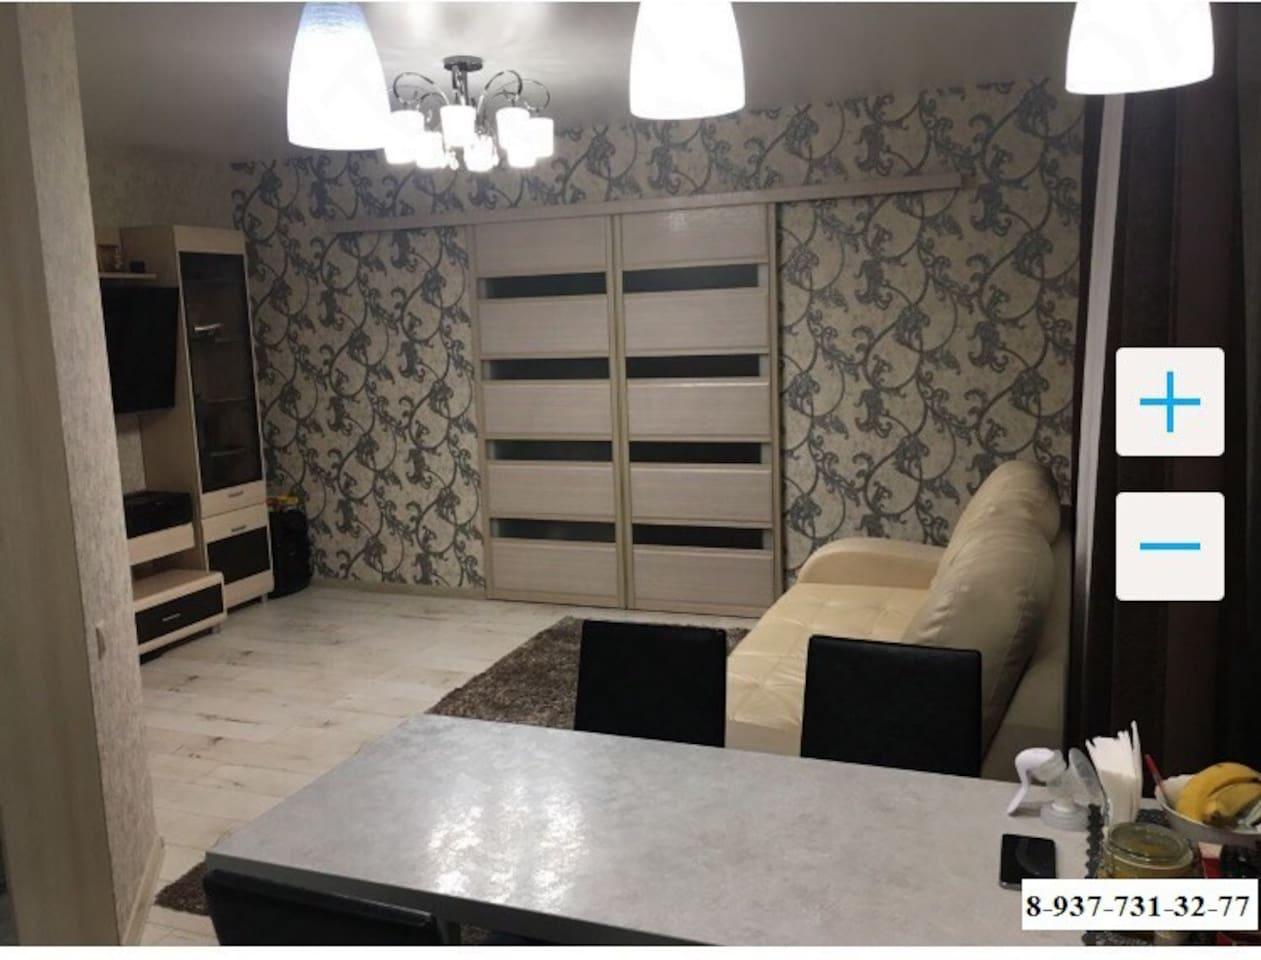 """Сдам посуточно 2-х комнатную квартиру с отличным ремонтом, с 18.06.2018 по 29.06.2018 года, с бронированием не менее 7 суток, Мебель полностью обставлена, кухня с посудой и принадлежностями для приготовления пищи, телевизор, сплит- система, одна большая двухспальная кровать, один большой раскладной диван, постельное белье выдаём бесплатно , стиральная машина. В квартире могут проживать сразу до 4 человек. Парковка авто. Wifi бесплатный. Я сам хозяин!  До Центрального стадиона """"Волгоград-Арена"""" 15 минут на автомобиле, 20 минут на общественном транспорте. Рядом парковка,остановка общественного транспорта,сетевые продуктовые магазины/  До основных достопримечательностей города( Мамаев курган,Панорама Сталинградской битвы,Центральная набережная реки Волги) 10 минут езды."""